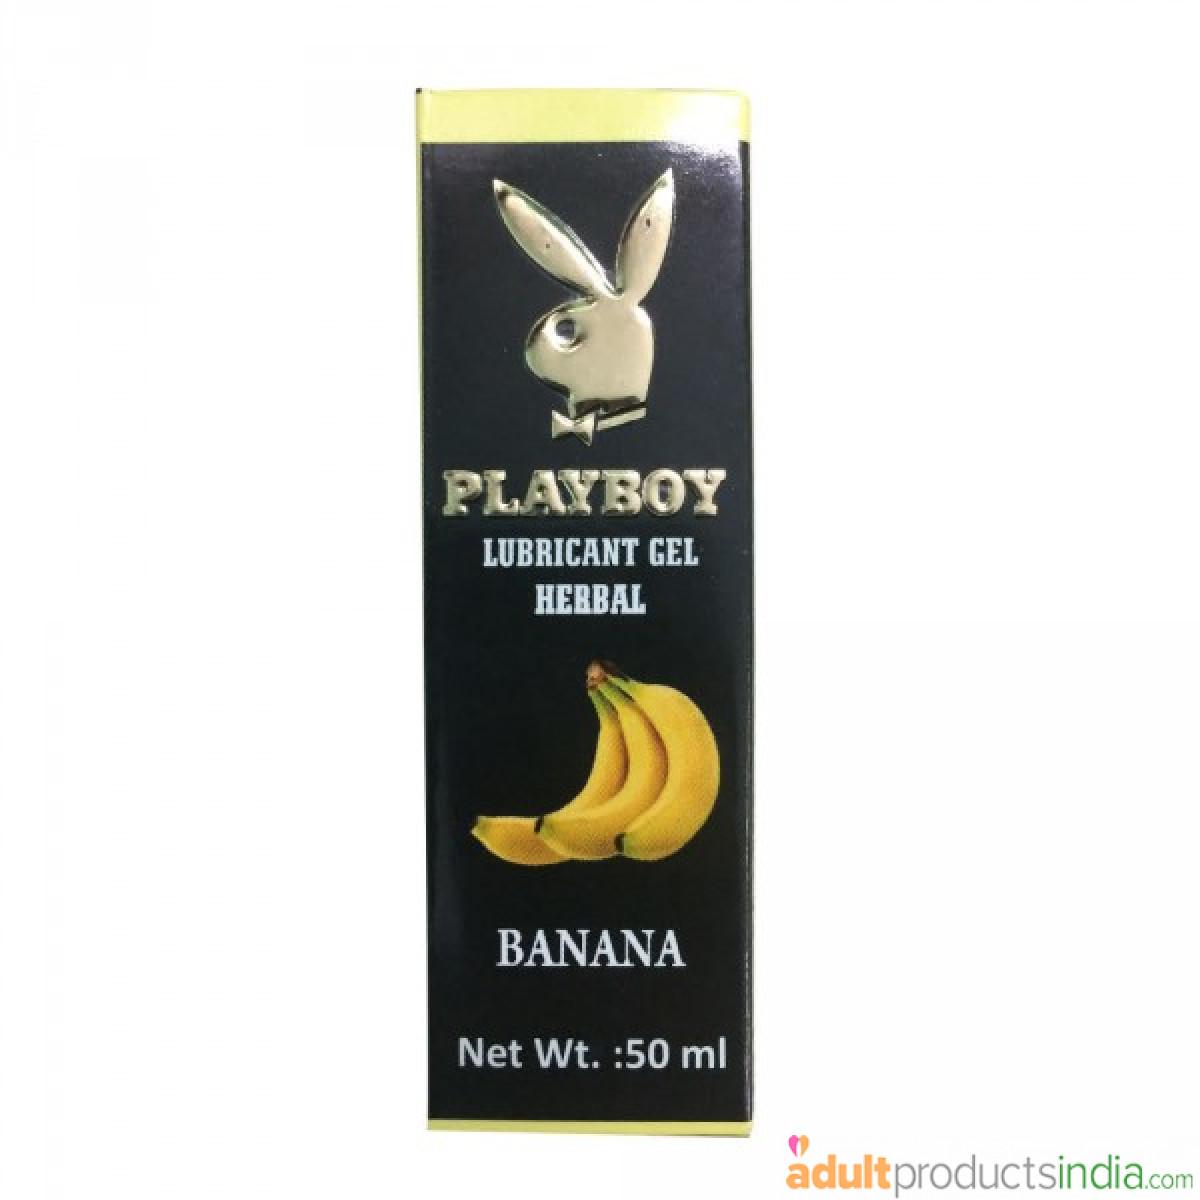 Playboy Lube - Banana